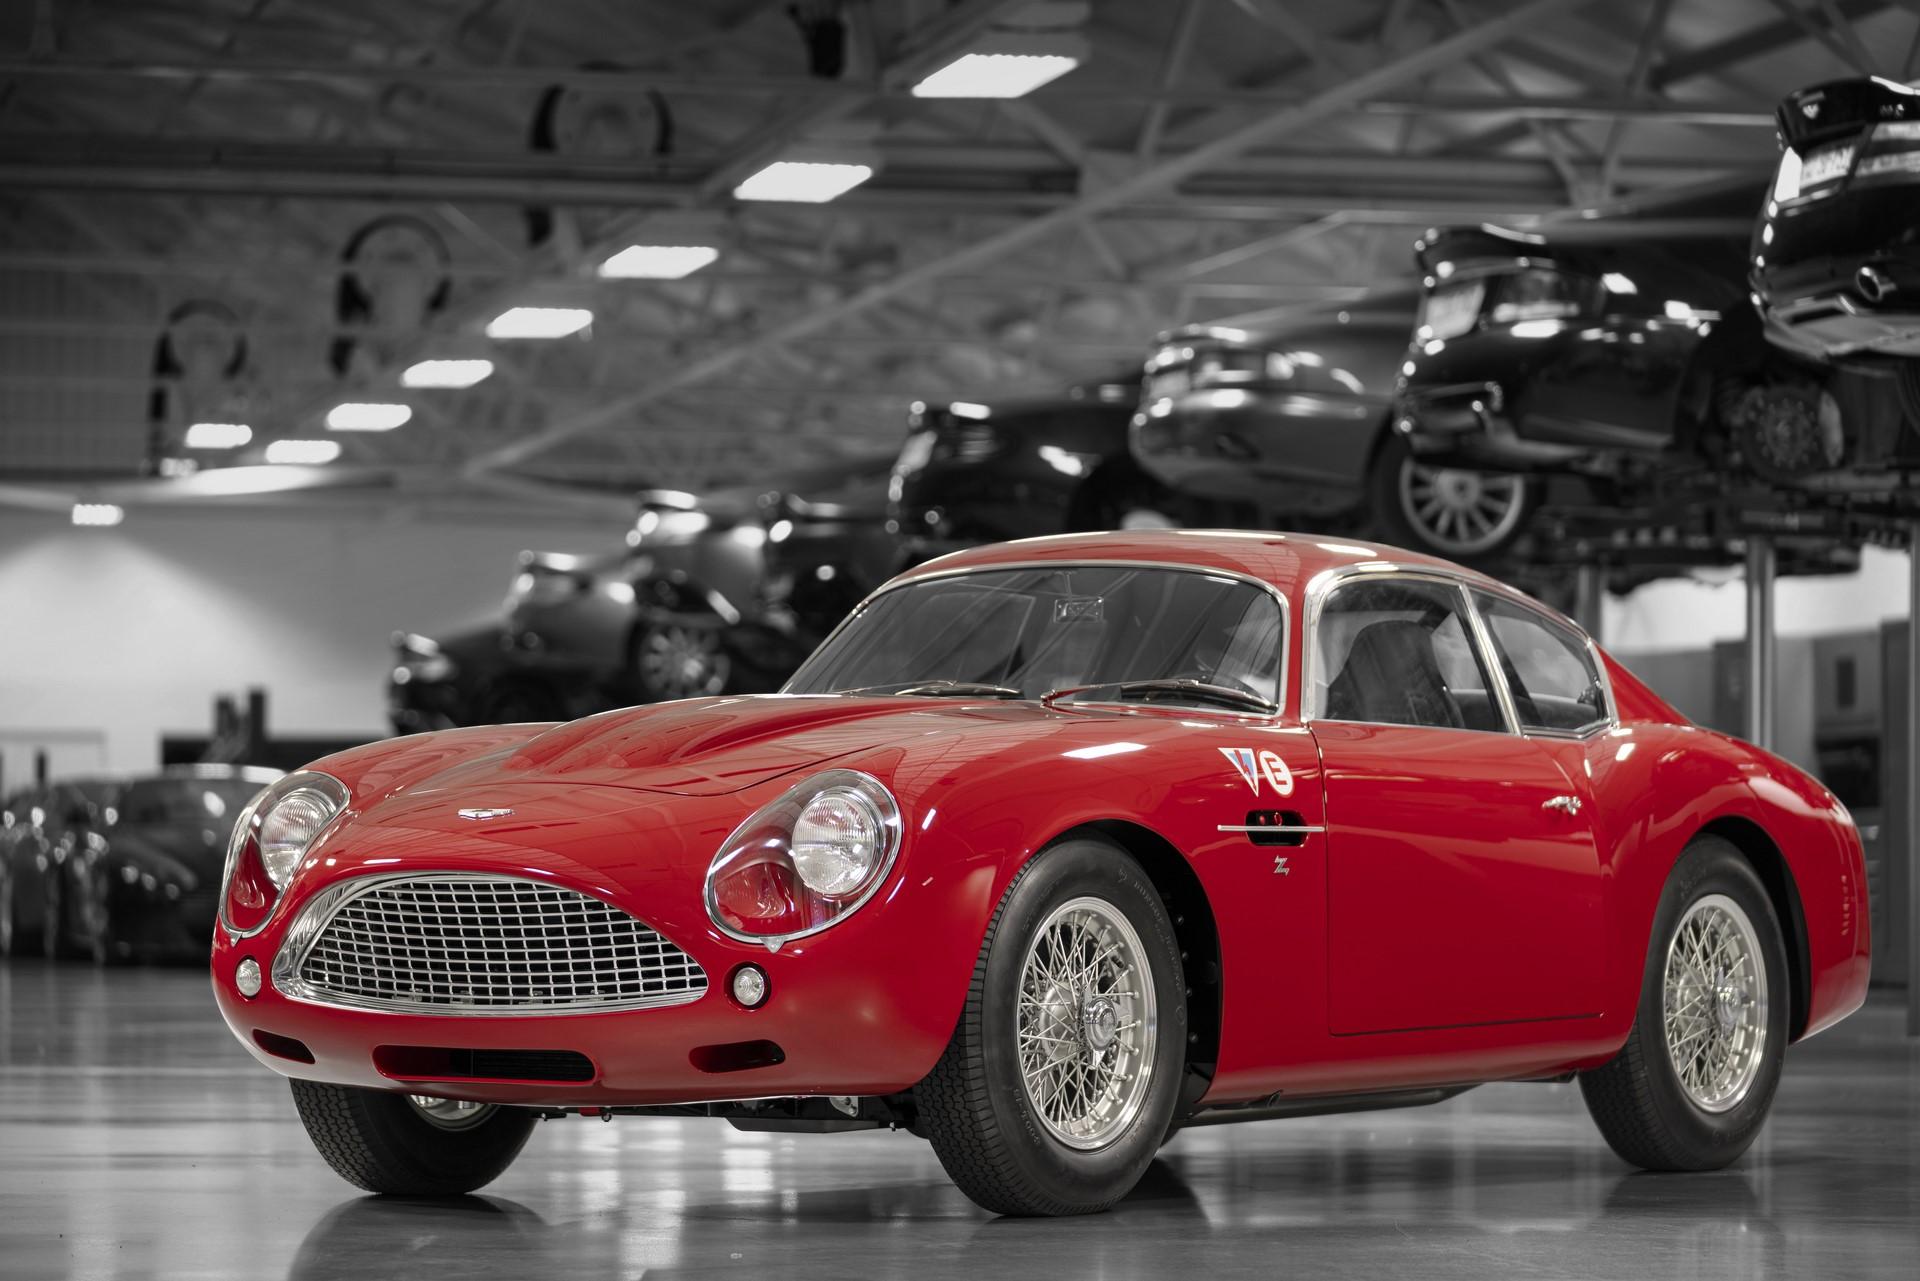 Aston-Martin-DB4-GT-Zagato-Continuation-1